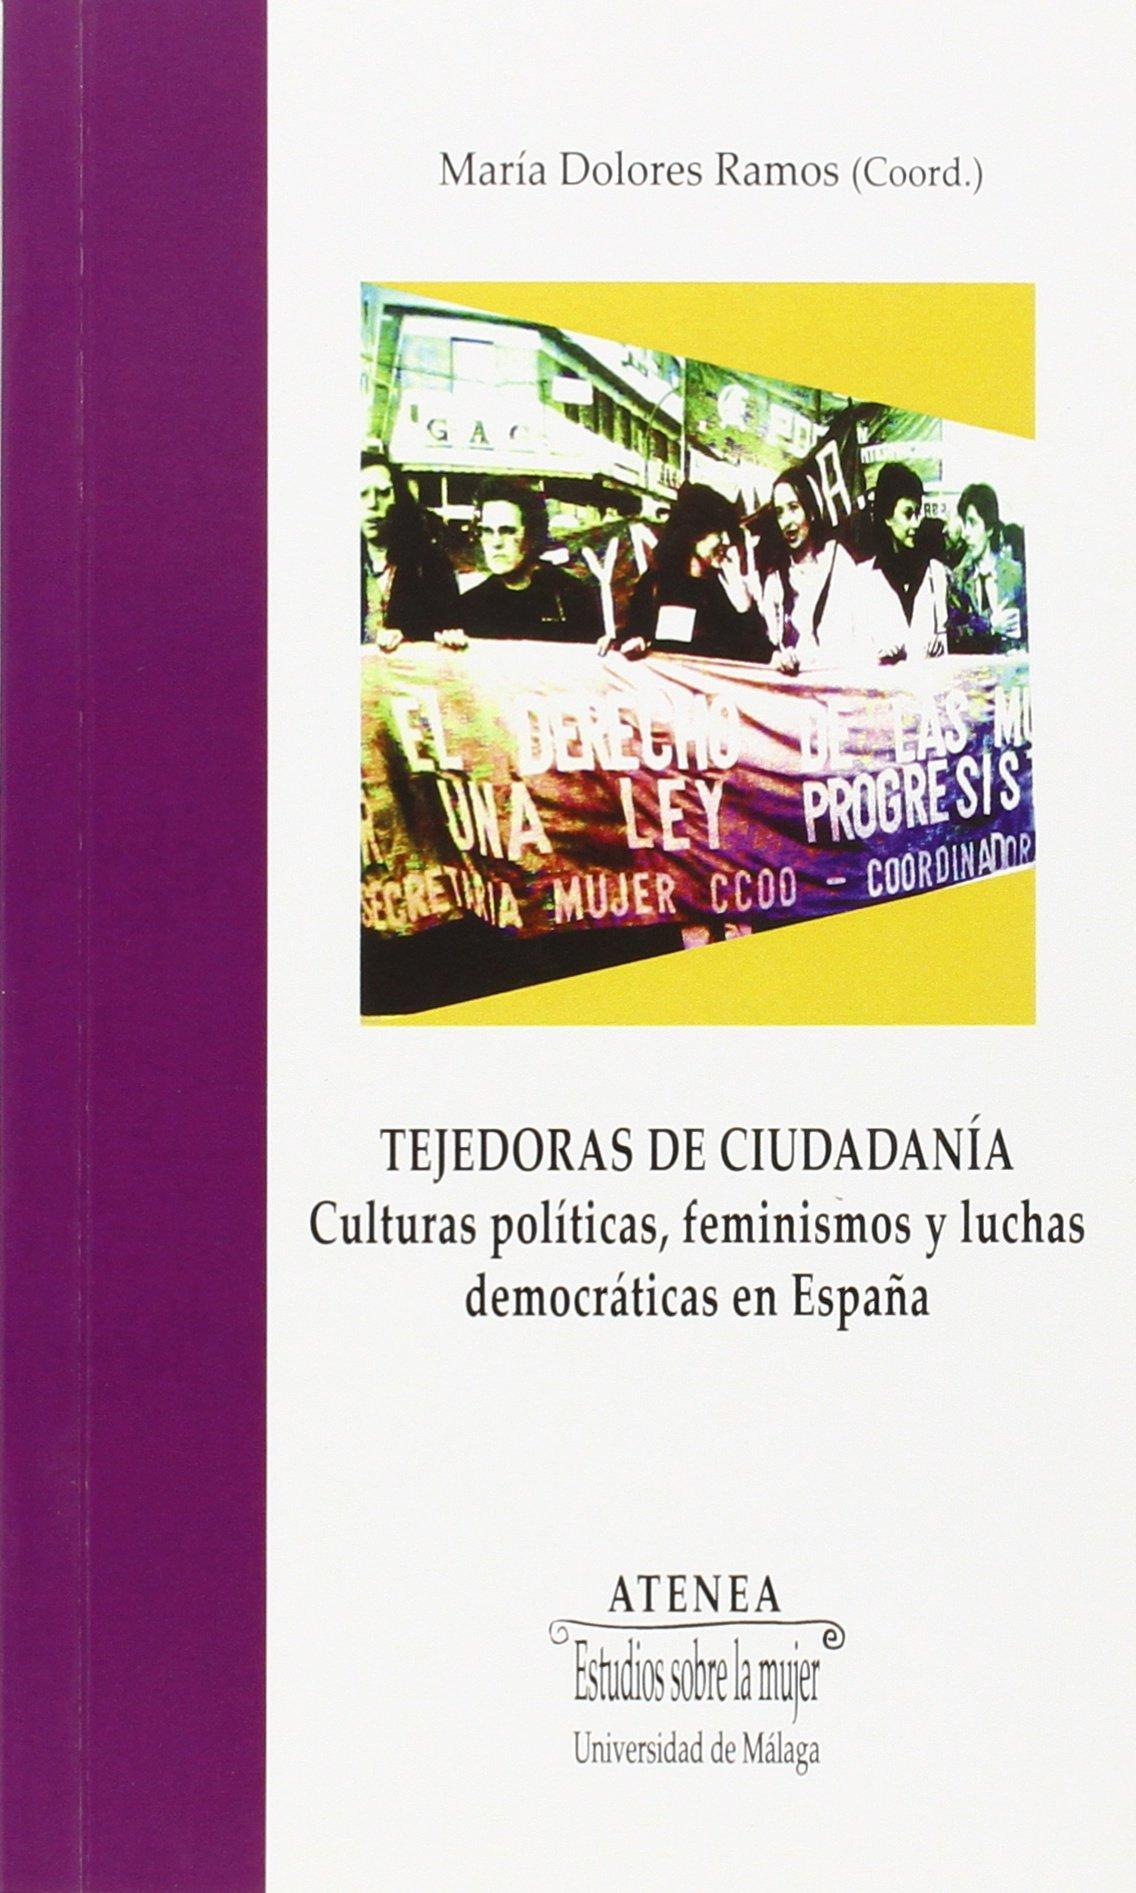 Tejedoras de ciudadanía: Culturas políticas, feminismos y luchas democráticas en España: 84 Atenea: Amazon.es: Ramos Palomo, María Dolores: Libros